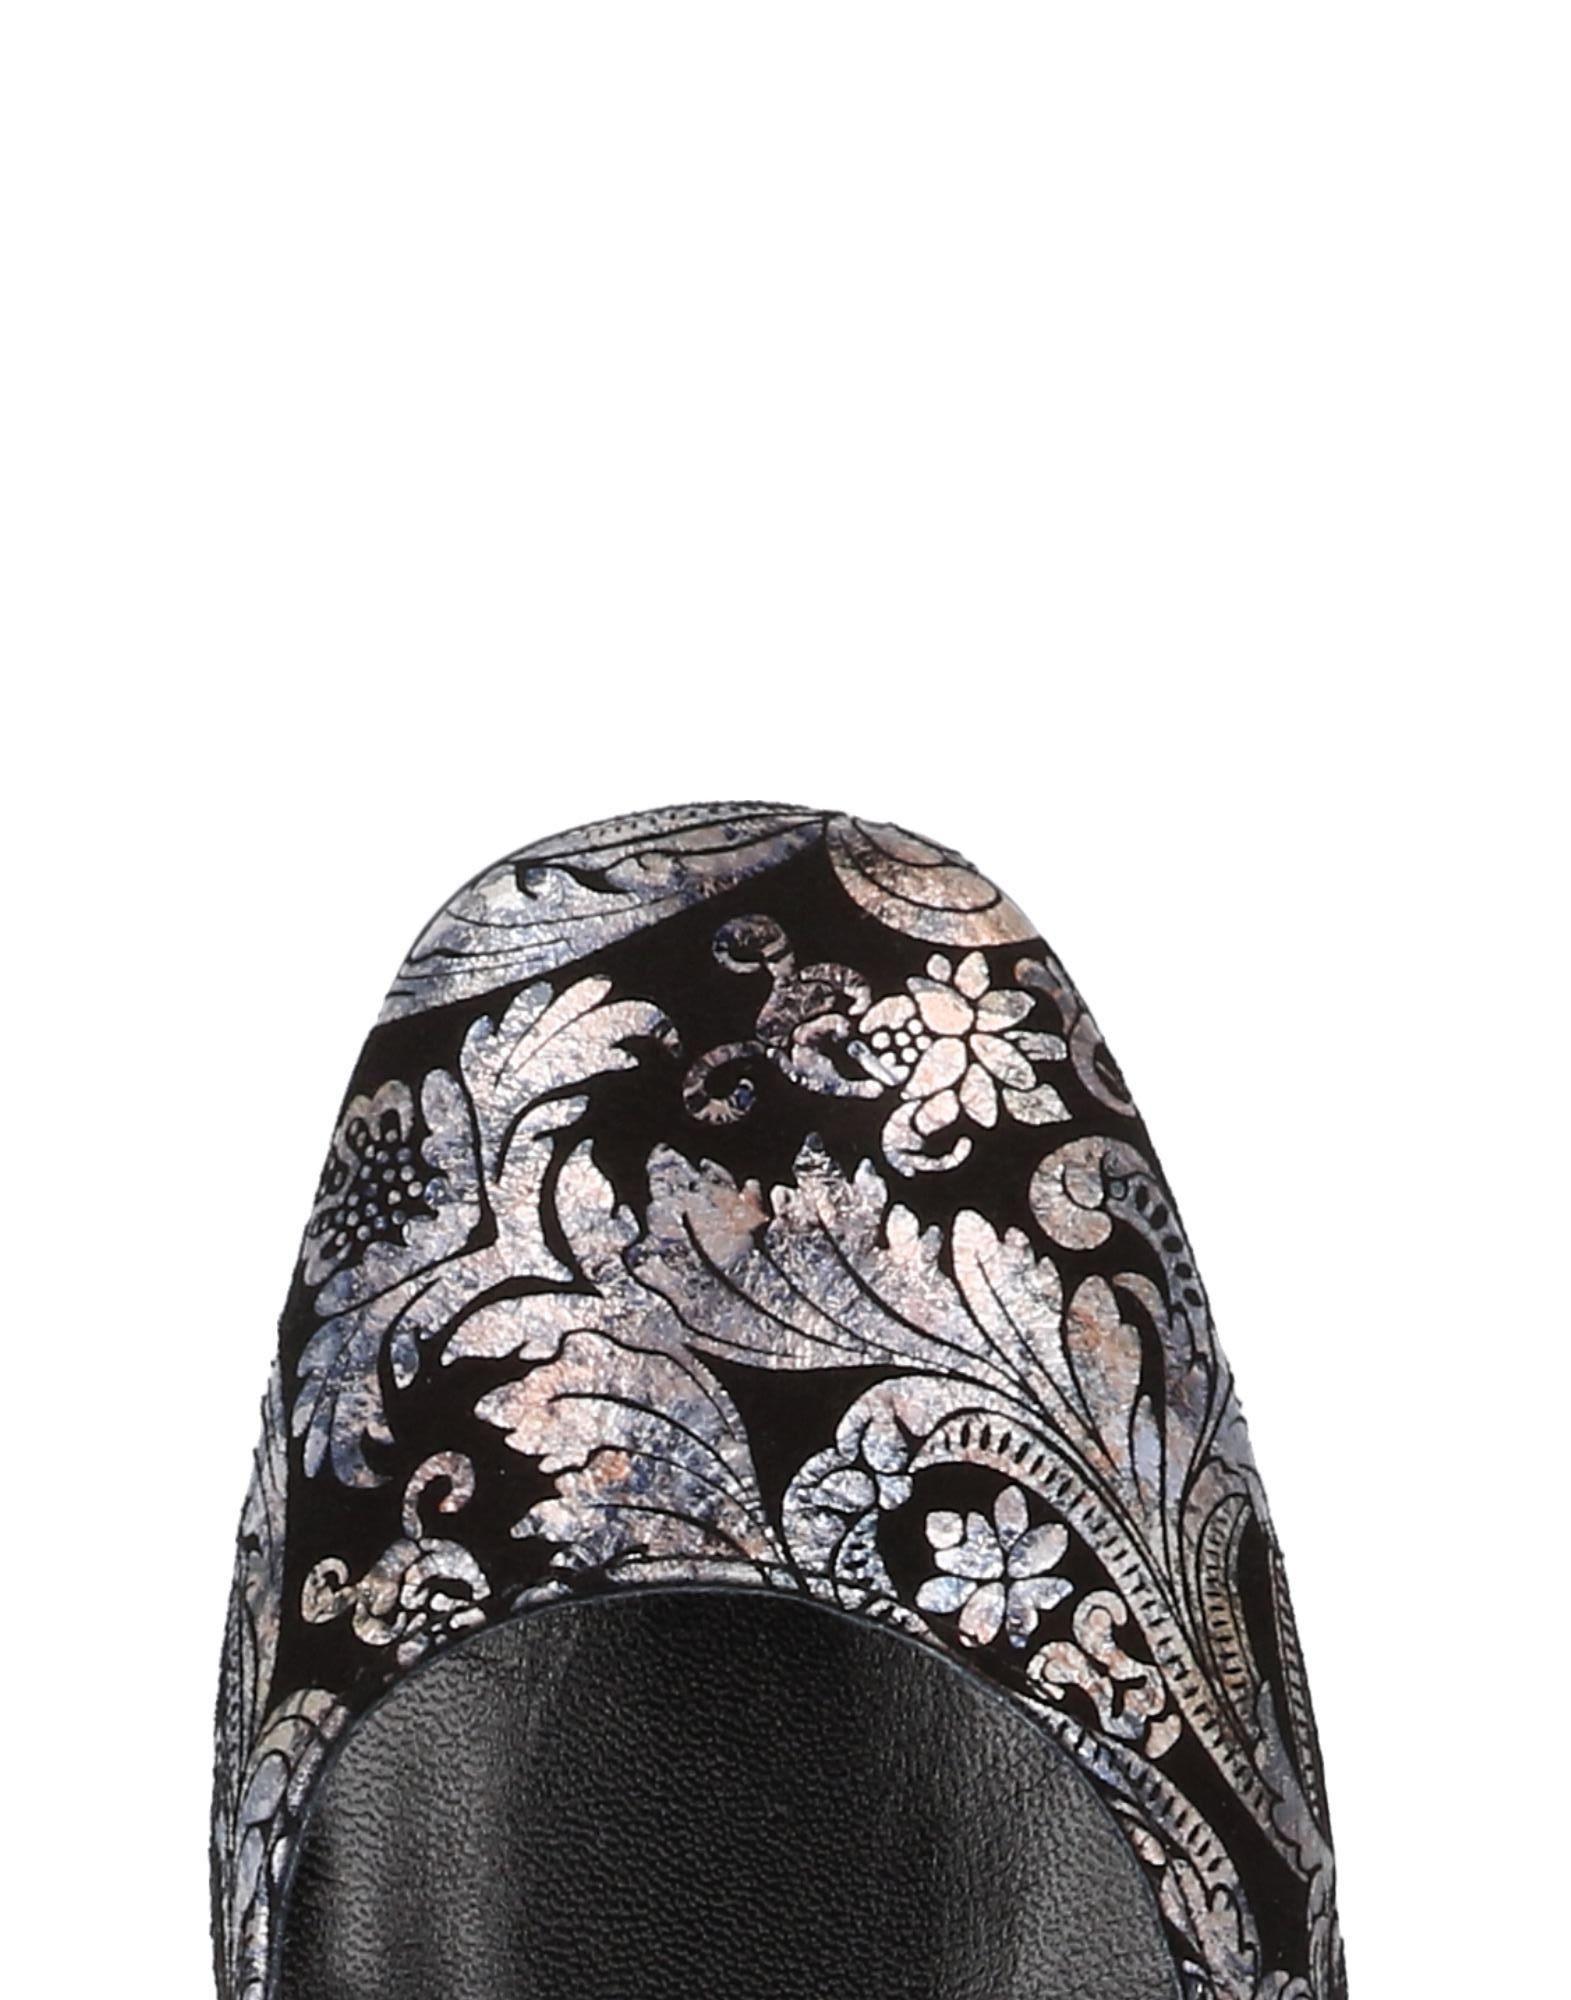 Tosca Blu Shoes Qualität Pumps Damen  11468147OB Gute Qualität Shoes beliebte Schuhe 5f96c2